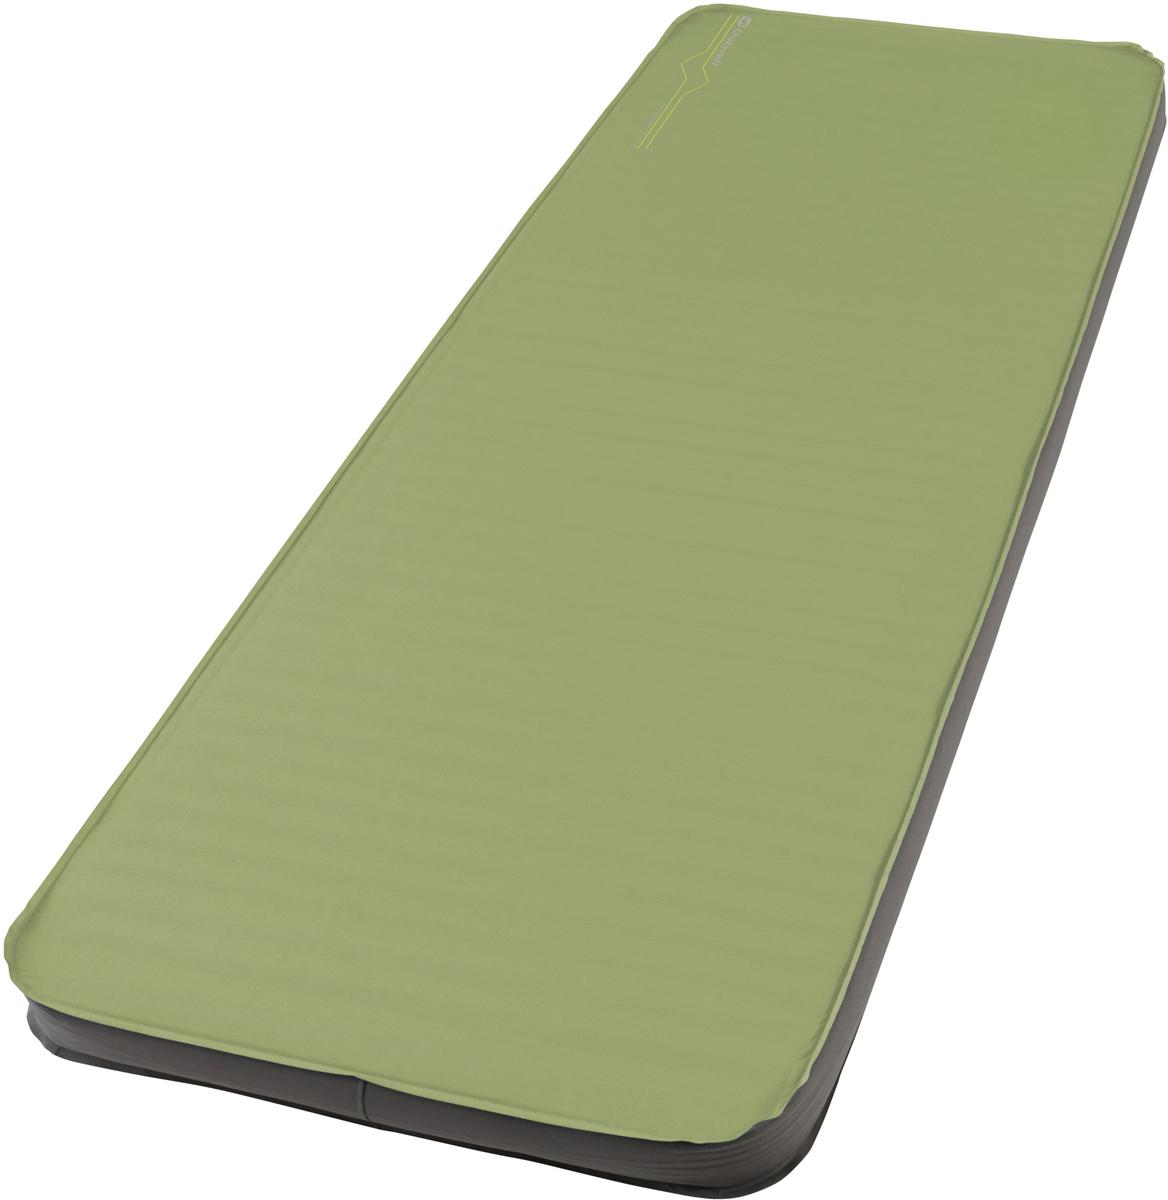 Одиночная надувная кровать, соединившая лучшие качества надувных моделей и матрасов из вспененного полиуретана. Конструкция гарантирует долговечность и компактность в запакованном виде.